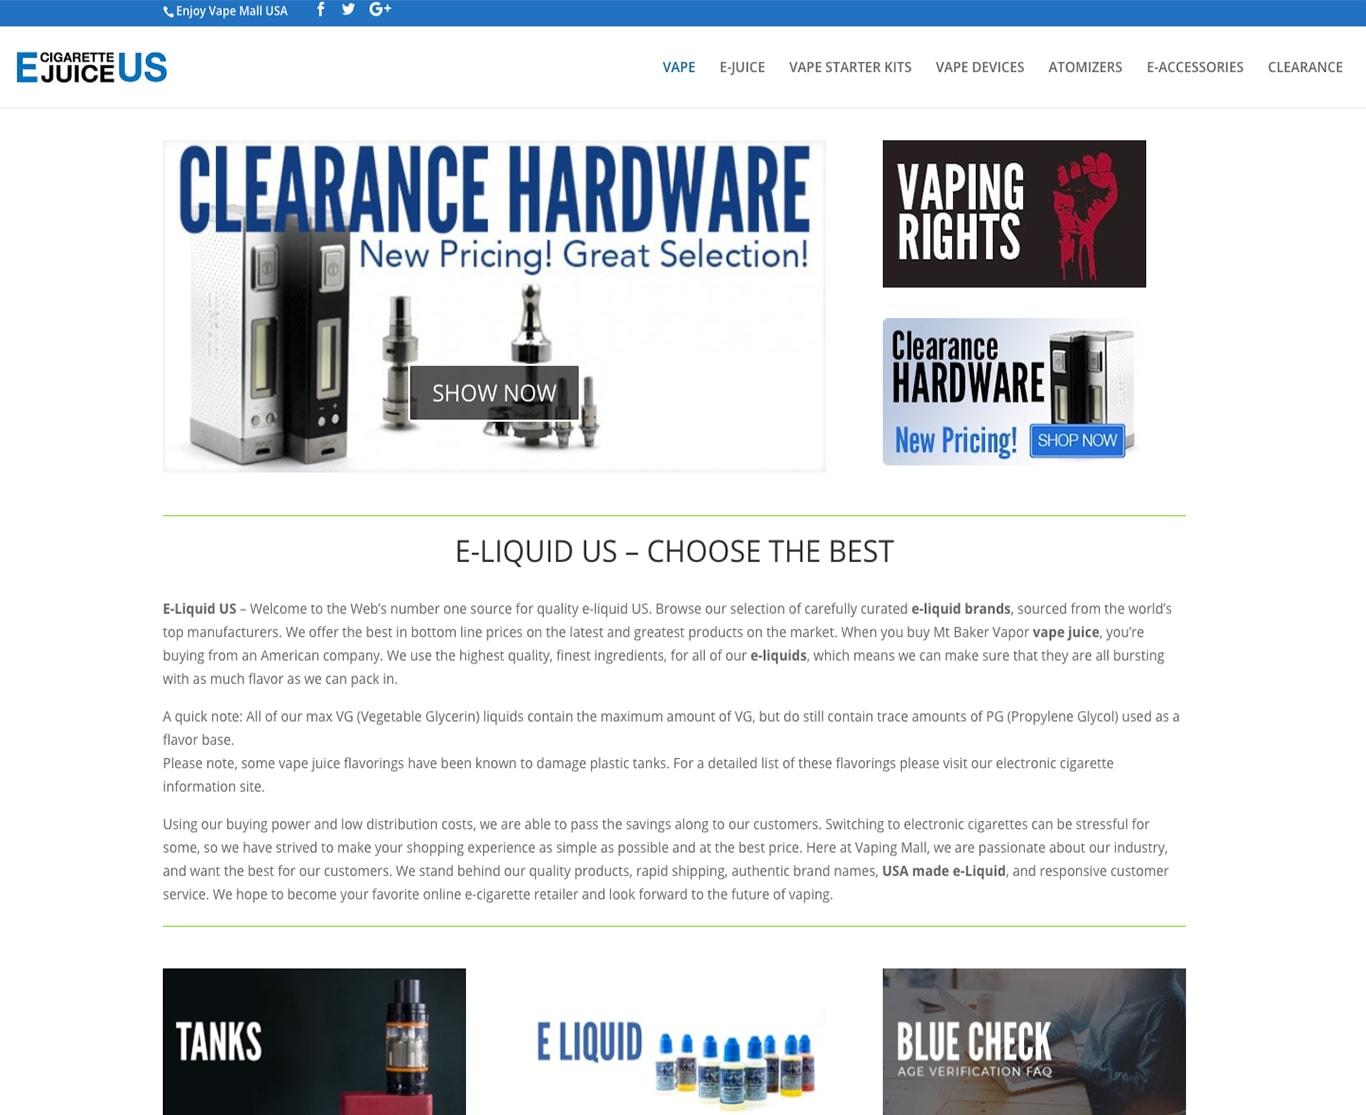 SEO продвижение сайтов в США-portfolio-seo-services-seotoptop.com-vape